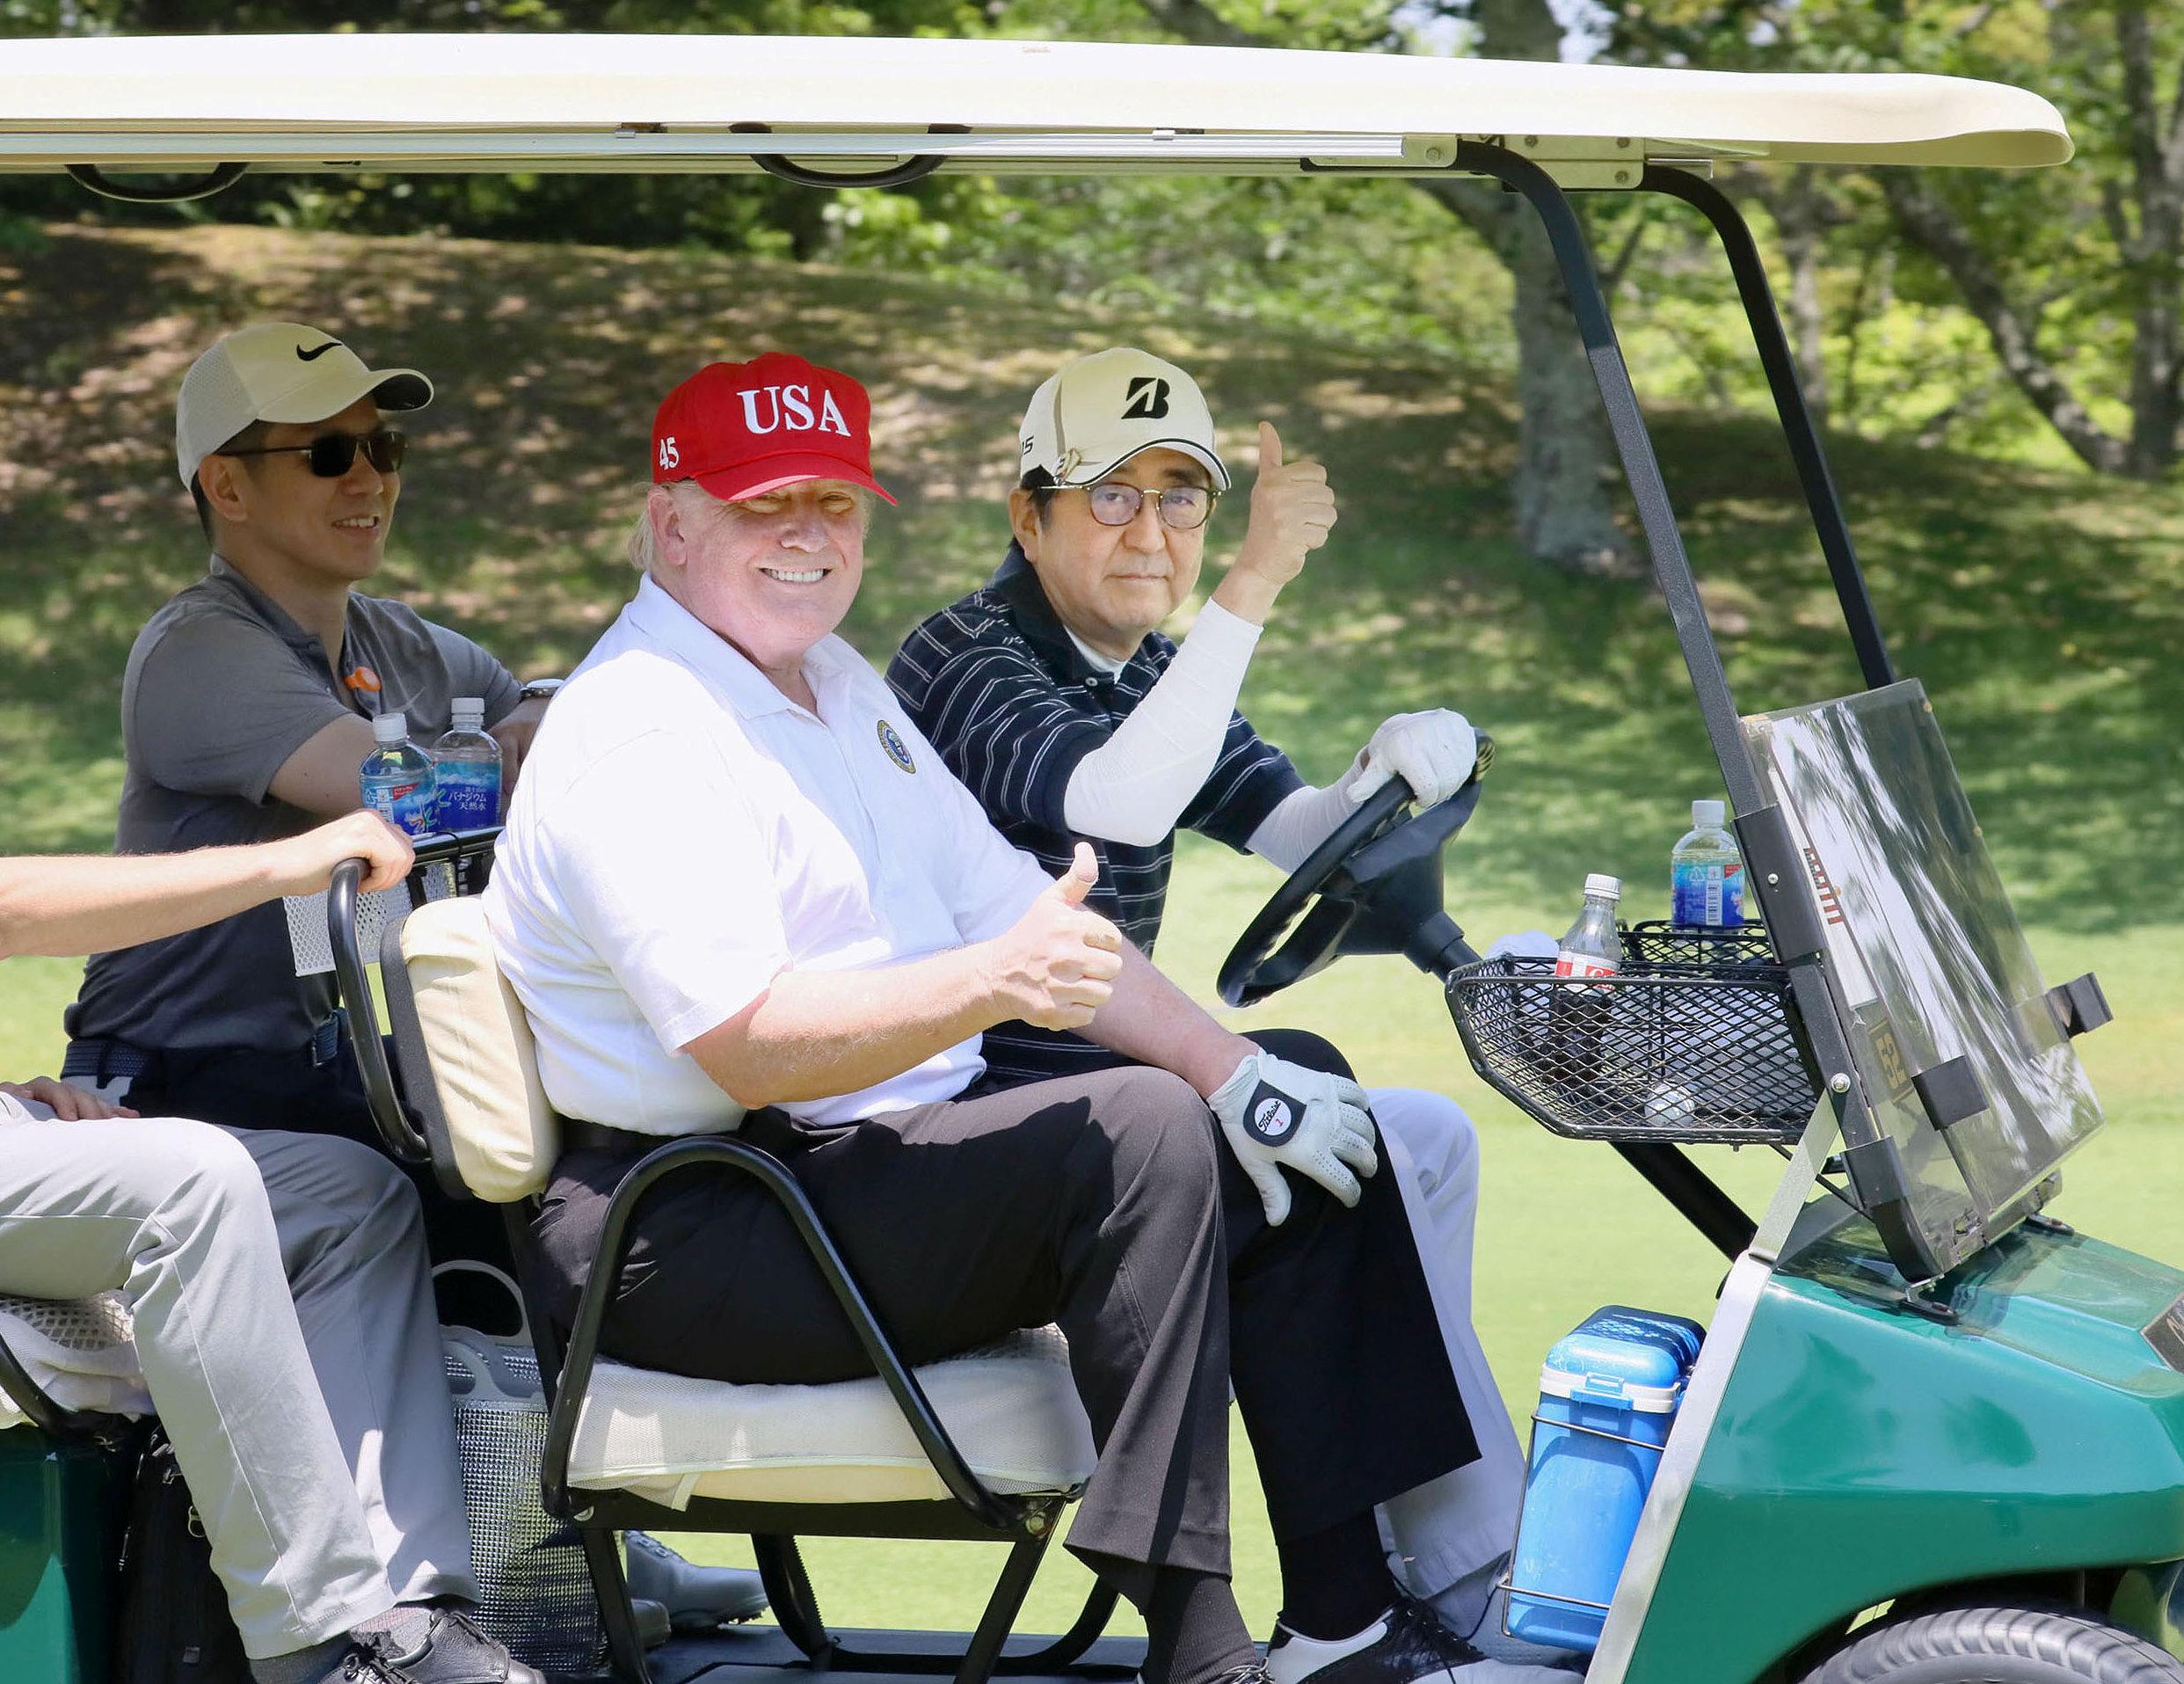 ترامب وآبى على متن سيارة الجولف